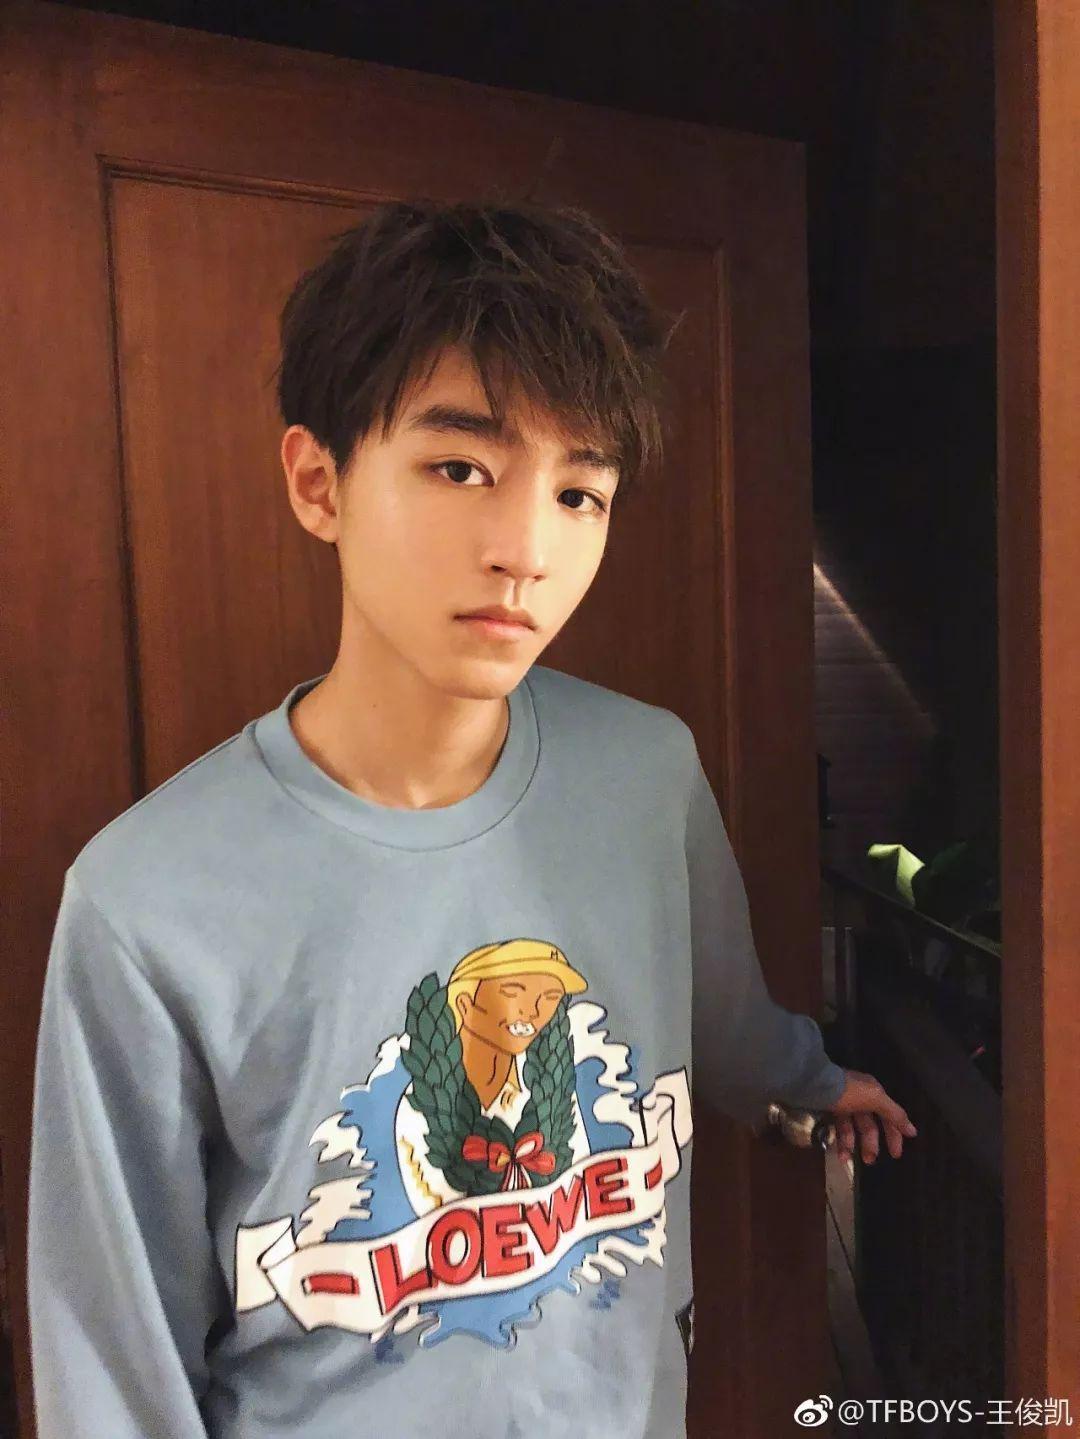 """猫纹少年王俊凯_王俊凯晒乐高成品,粉丝却只关注他家的摆设,床对面的""""它 ..."""